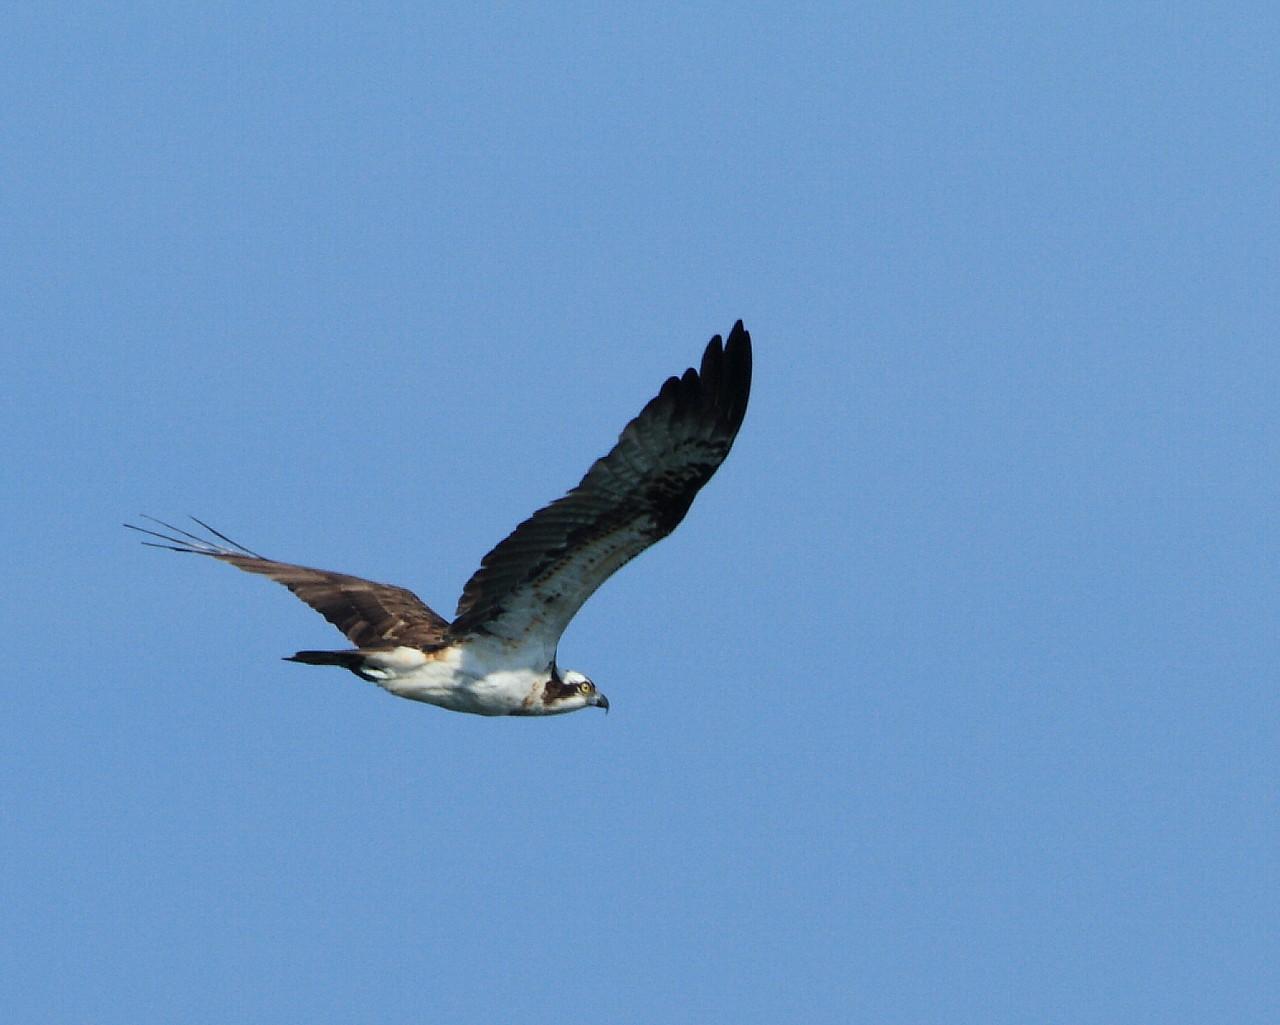 伊良湖の猛禽たち_f0105570_20574459.jpg